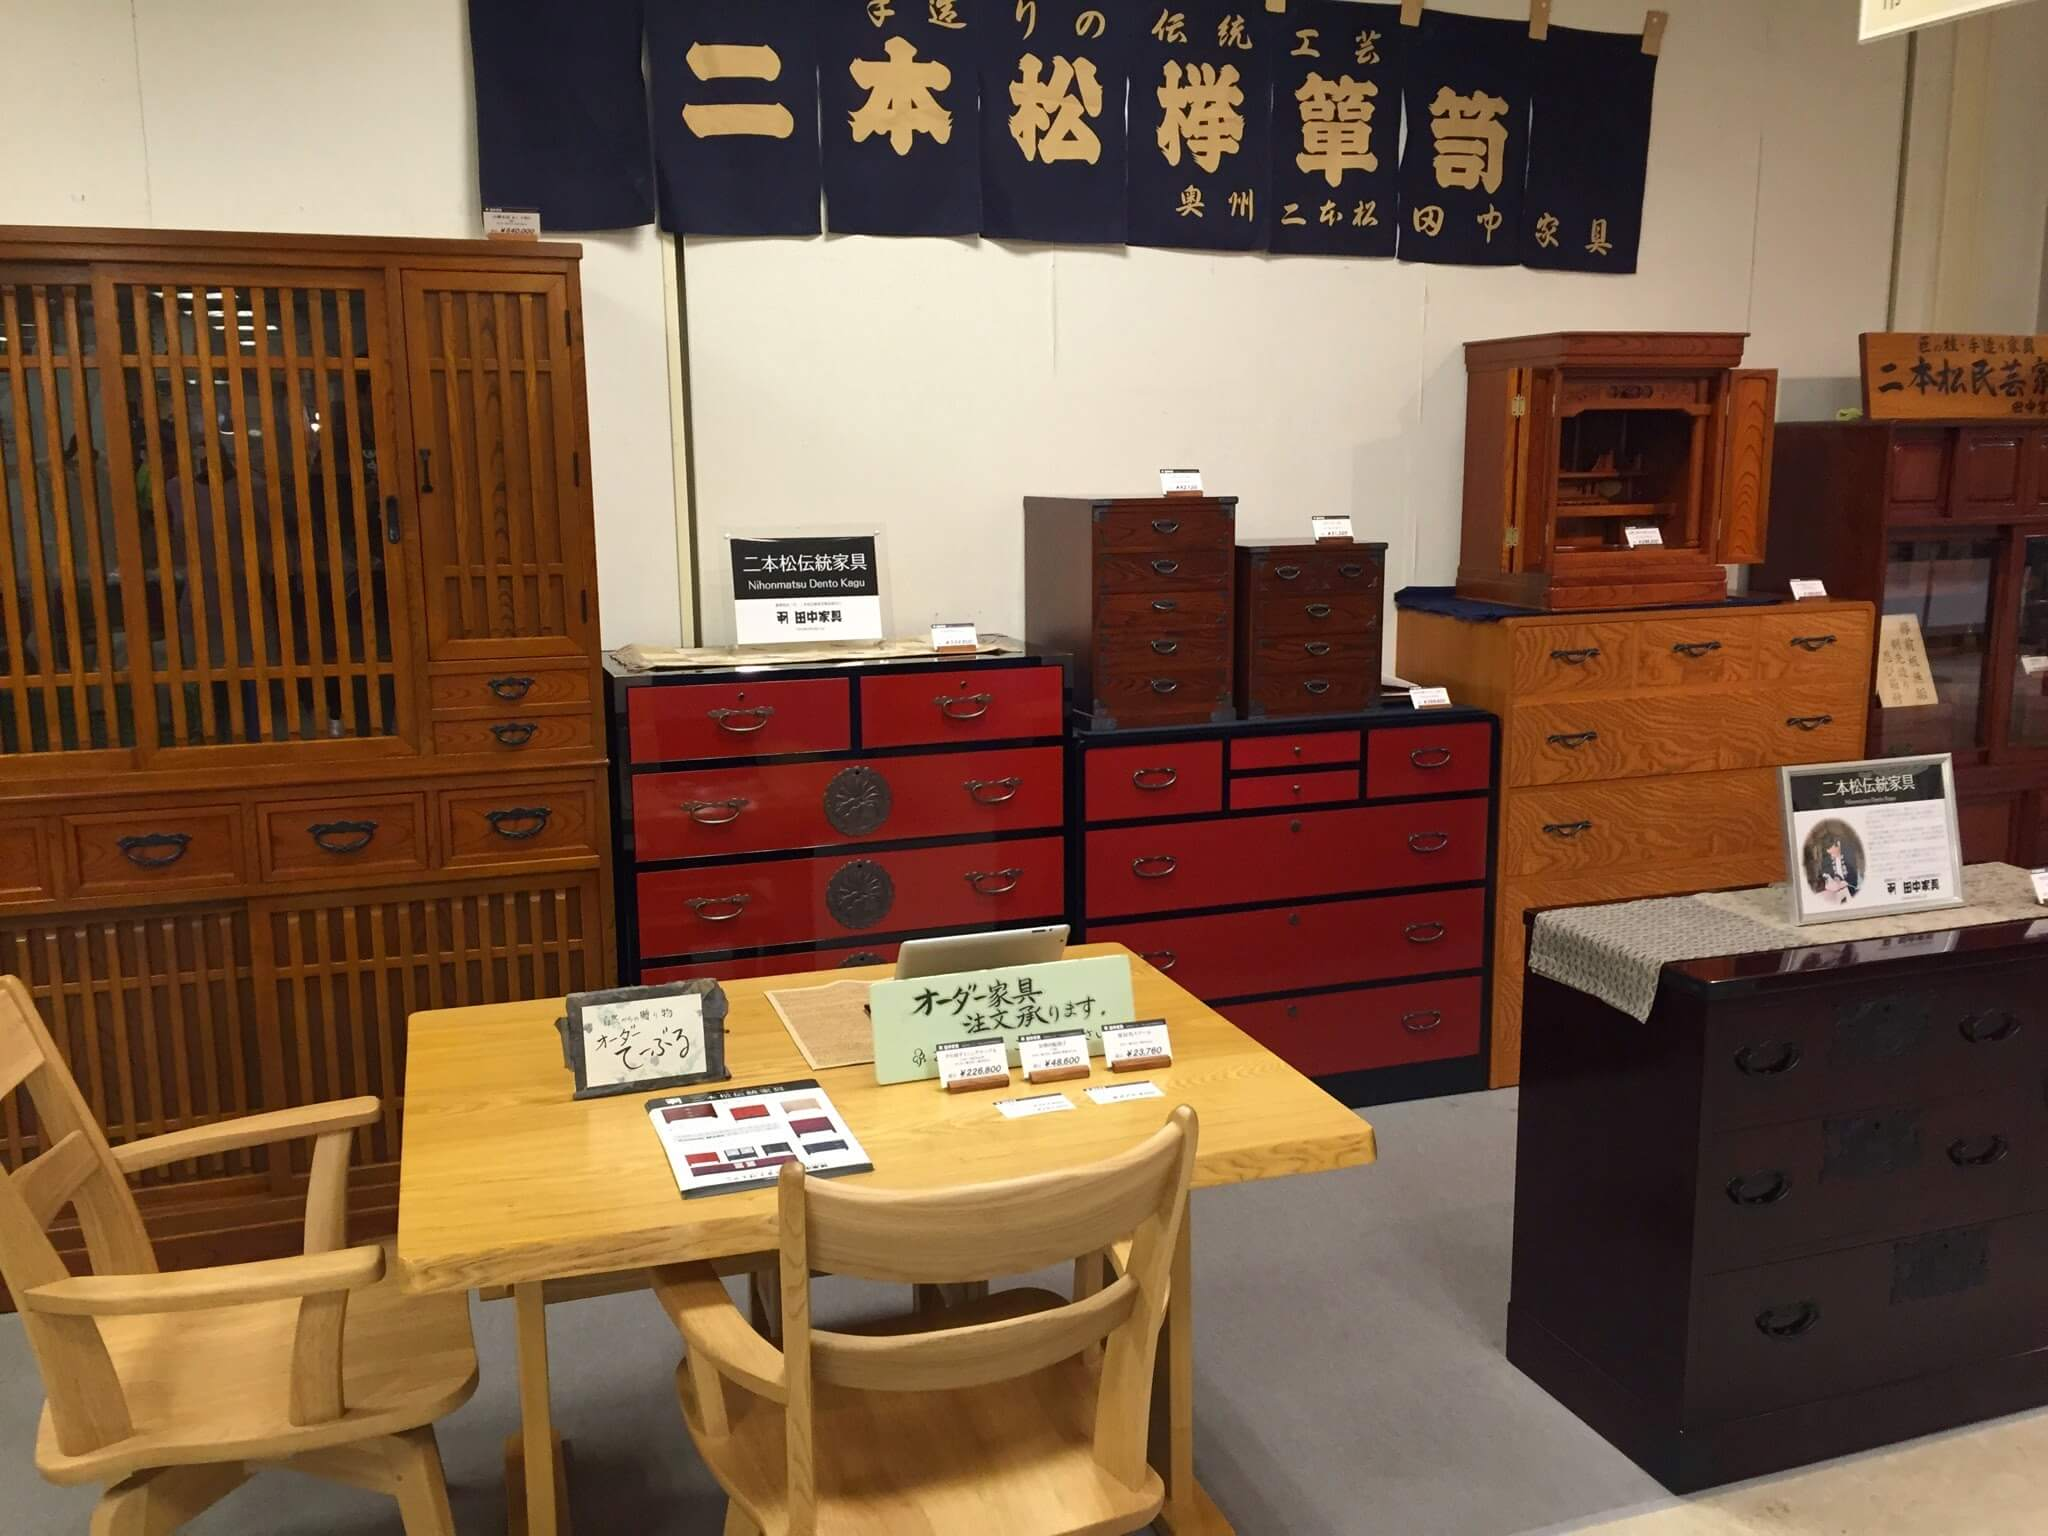 二本松伝統家具@うすい百貨店